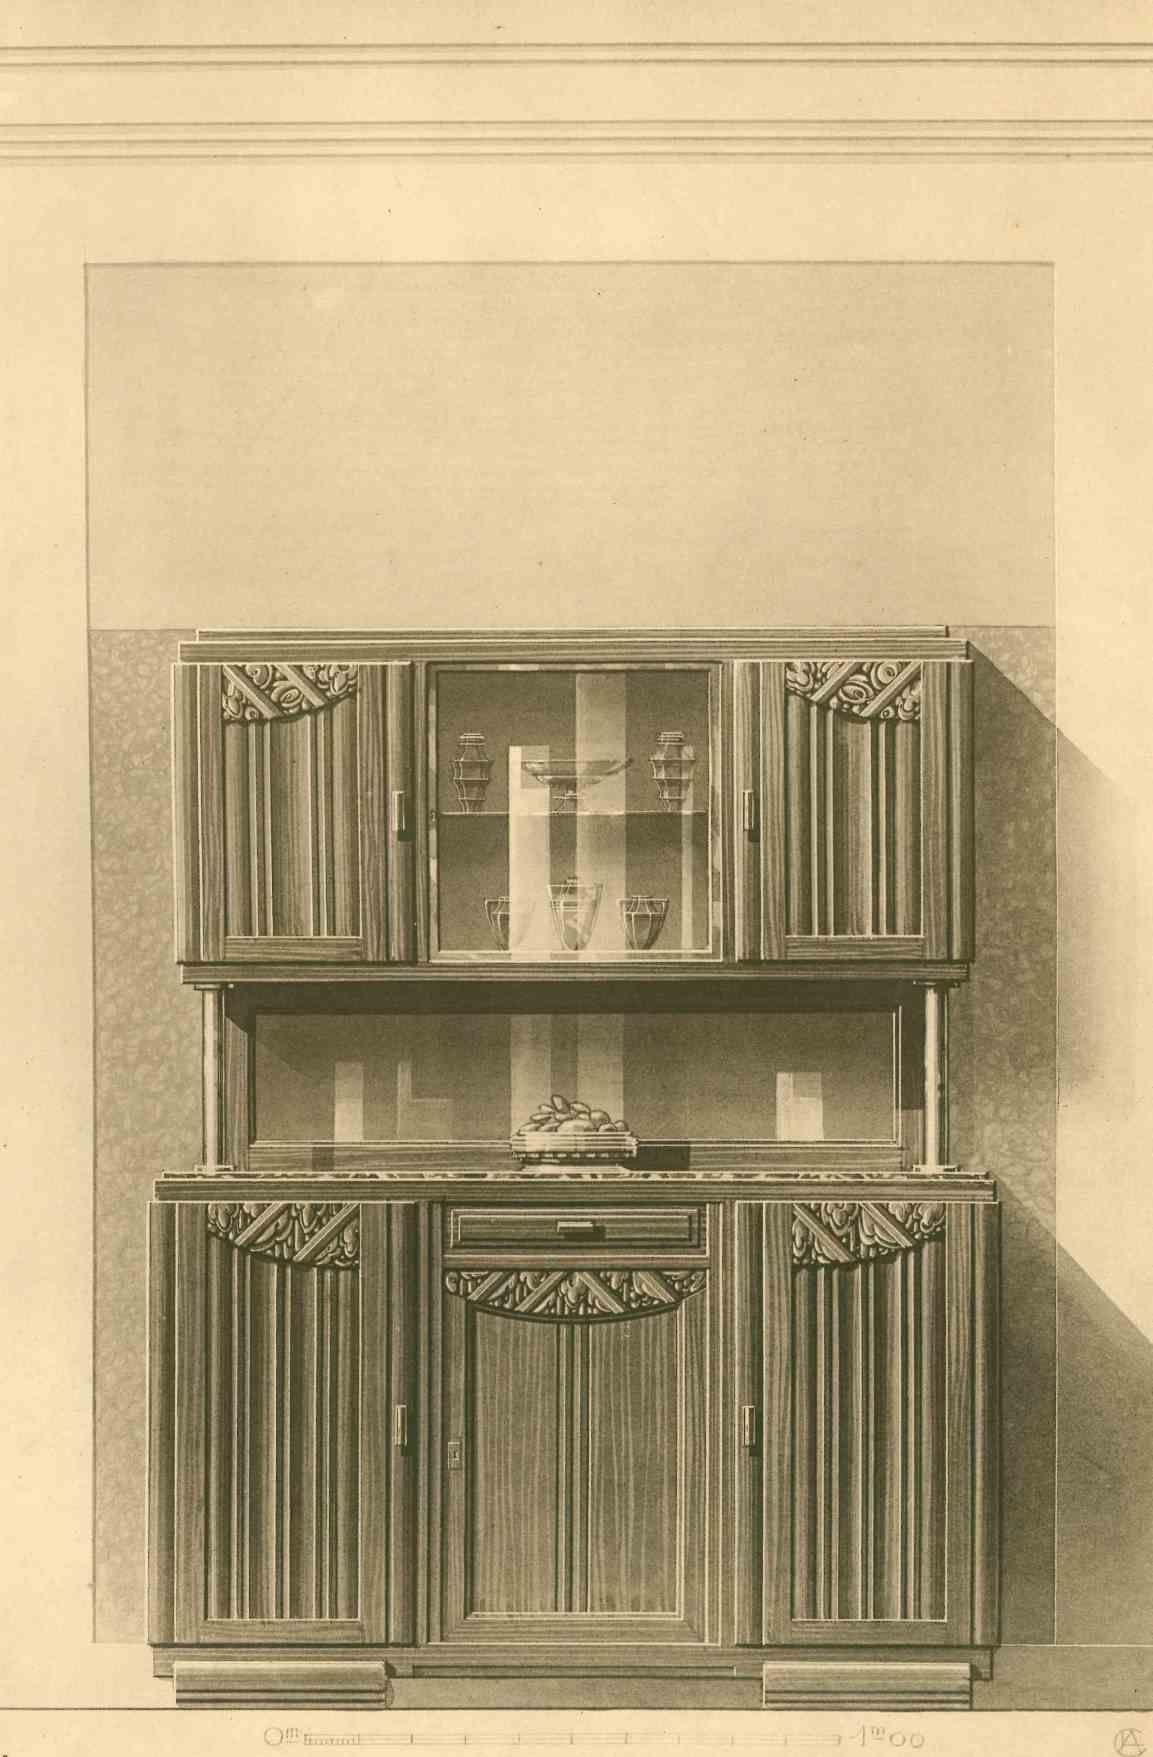 Meuble H Et H meubles et décors modernes de léon caillet, architecte-décorateurleon  caillet - hardcover - from bernett penka rare books and biblio